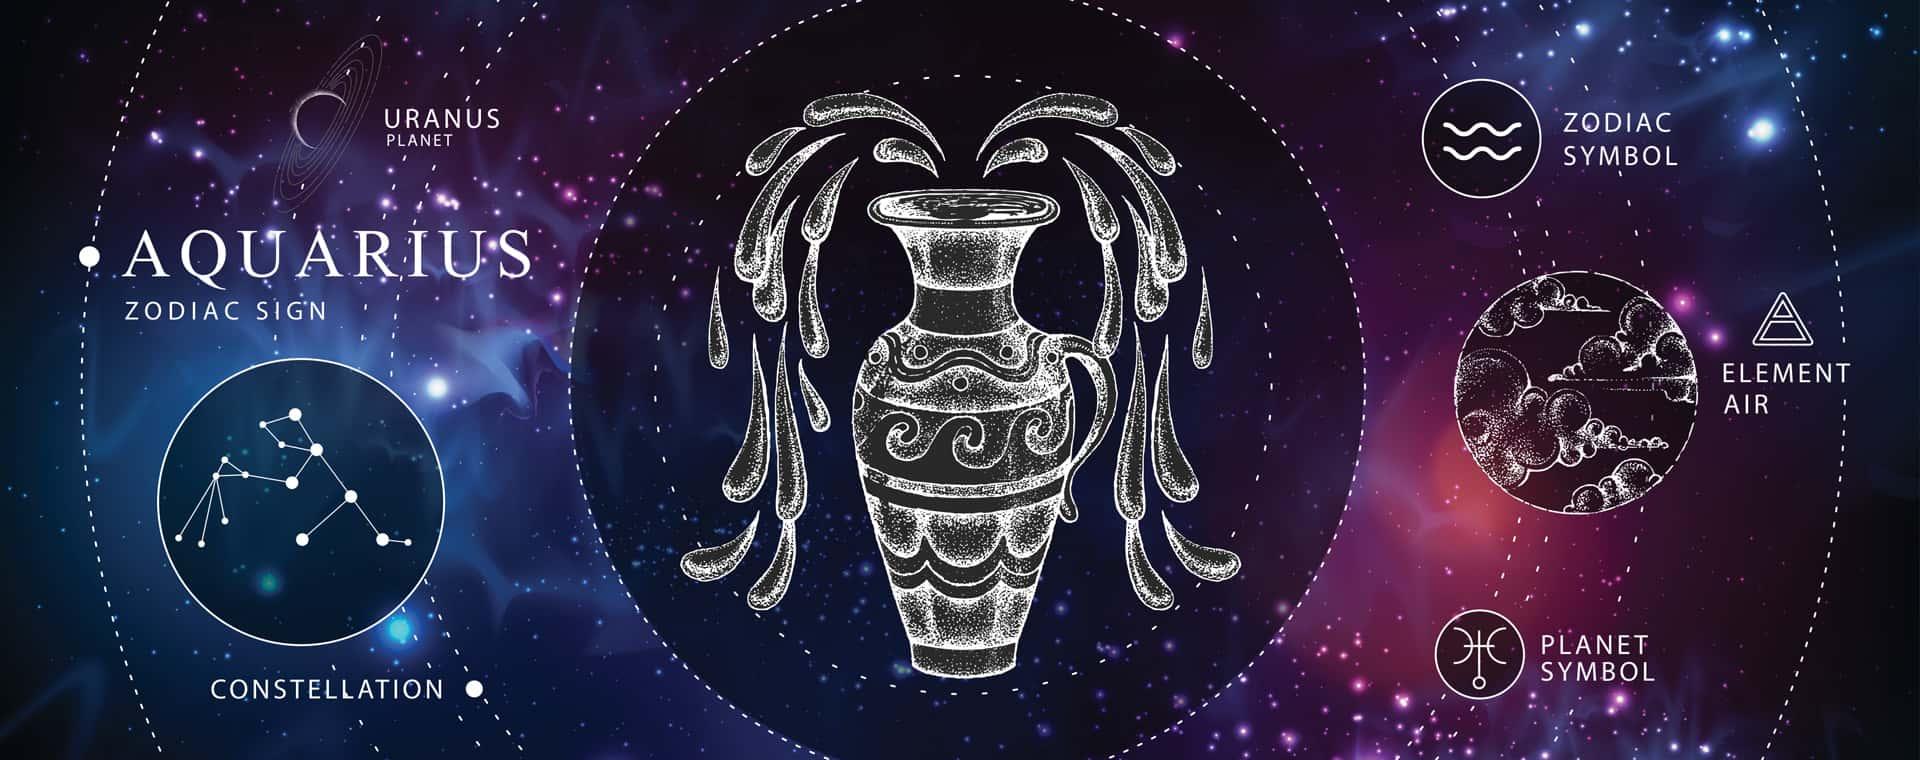 Horoskop Vodenjak